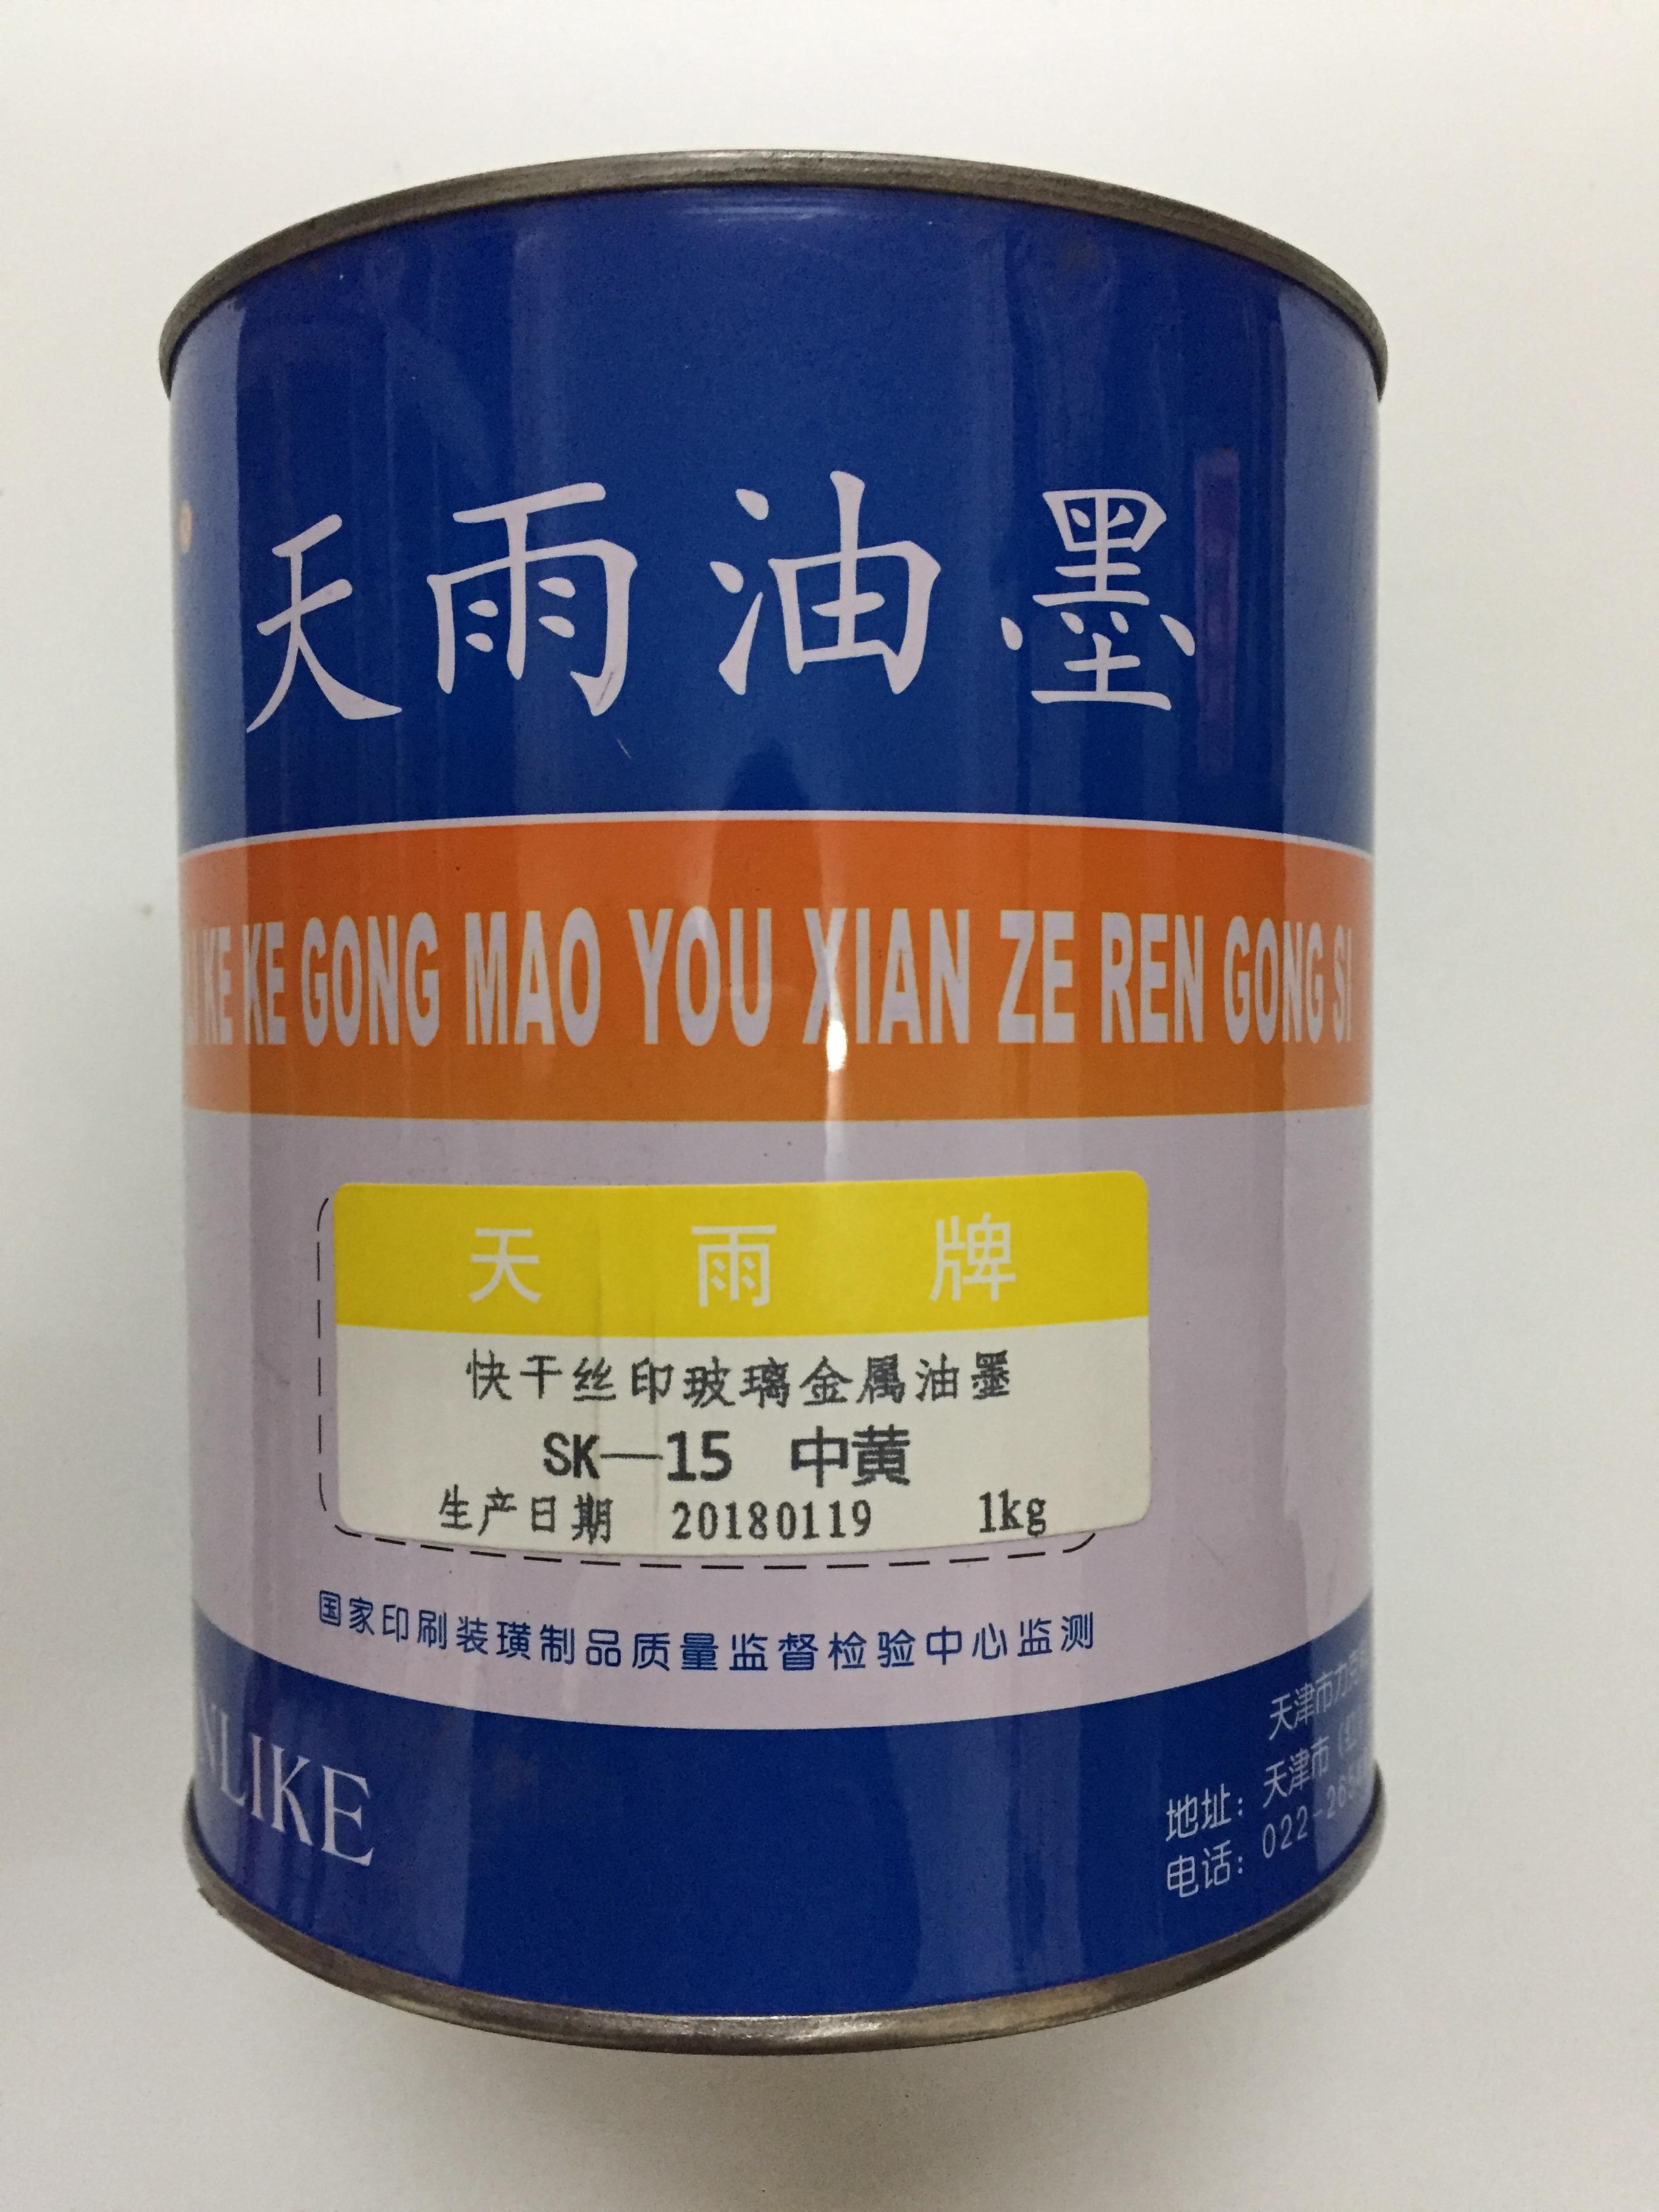 Оригинал Tianyu бренд-чернила SK-15 серия быстросохнущее стекло металлический чернила желтый Huang(Яркий свет)